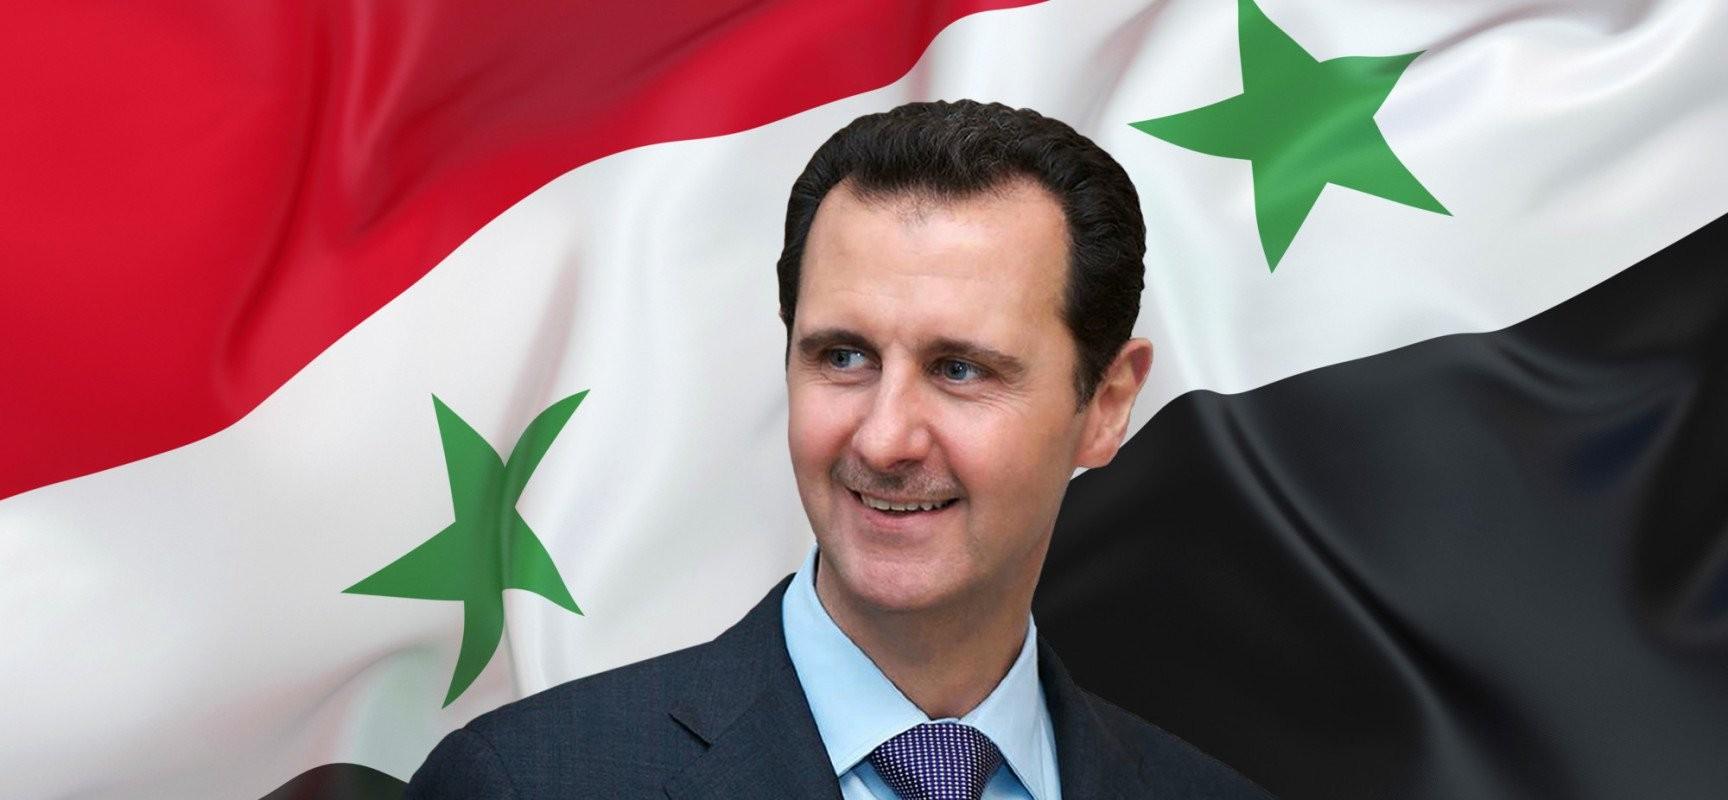 Assad e la guerra civile in Siria: breve storia su cosa sta accadendo. • Piazza Armerina - Il Mosaico - Notizie e ...